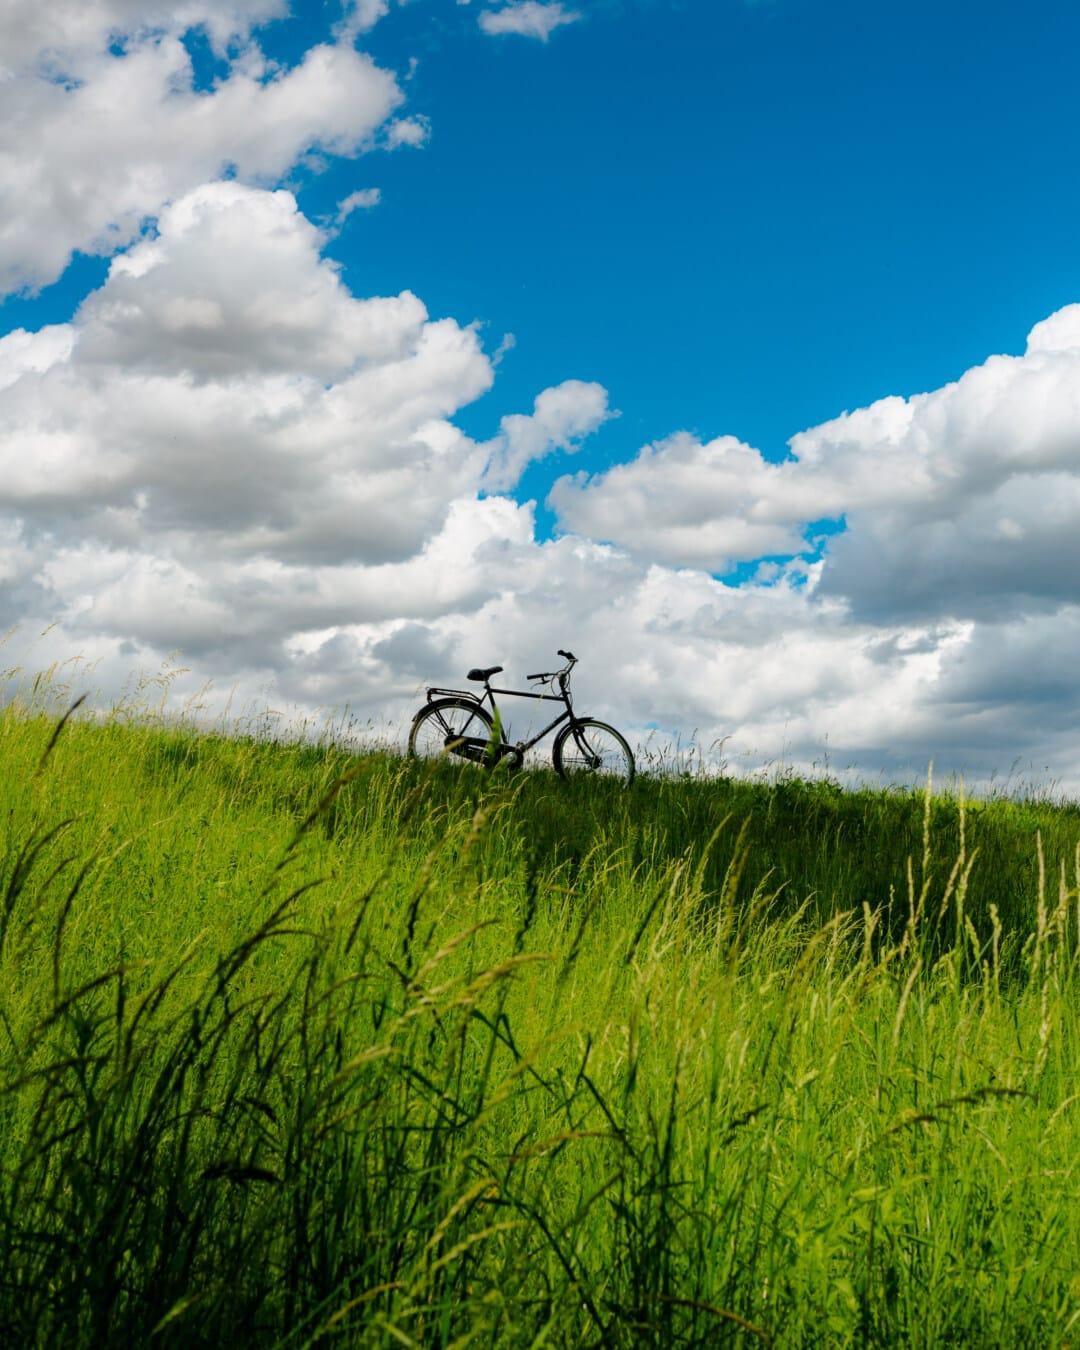 Fahrrad, Hügel, blauer Himmel, Graspflanzen, Frühling, Sommer, Atmosphäre, des ländlichen Raums, Bauernhof, Gras